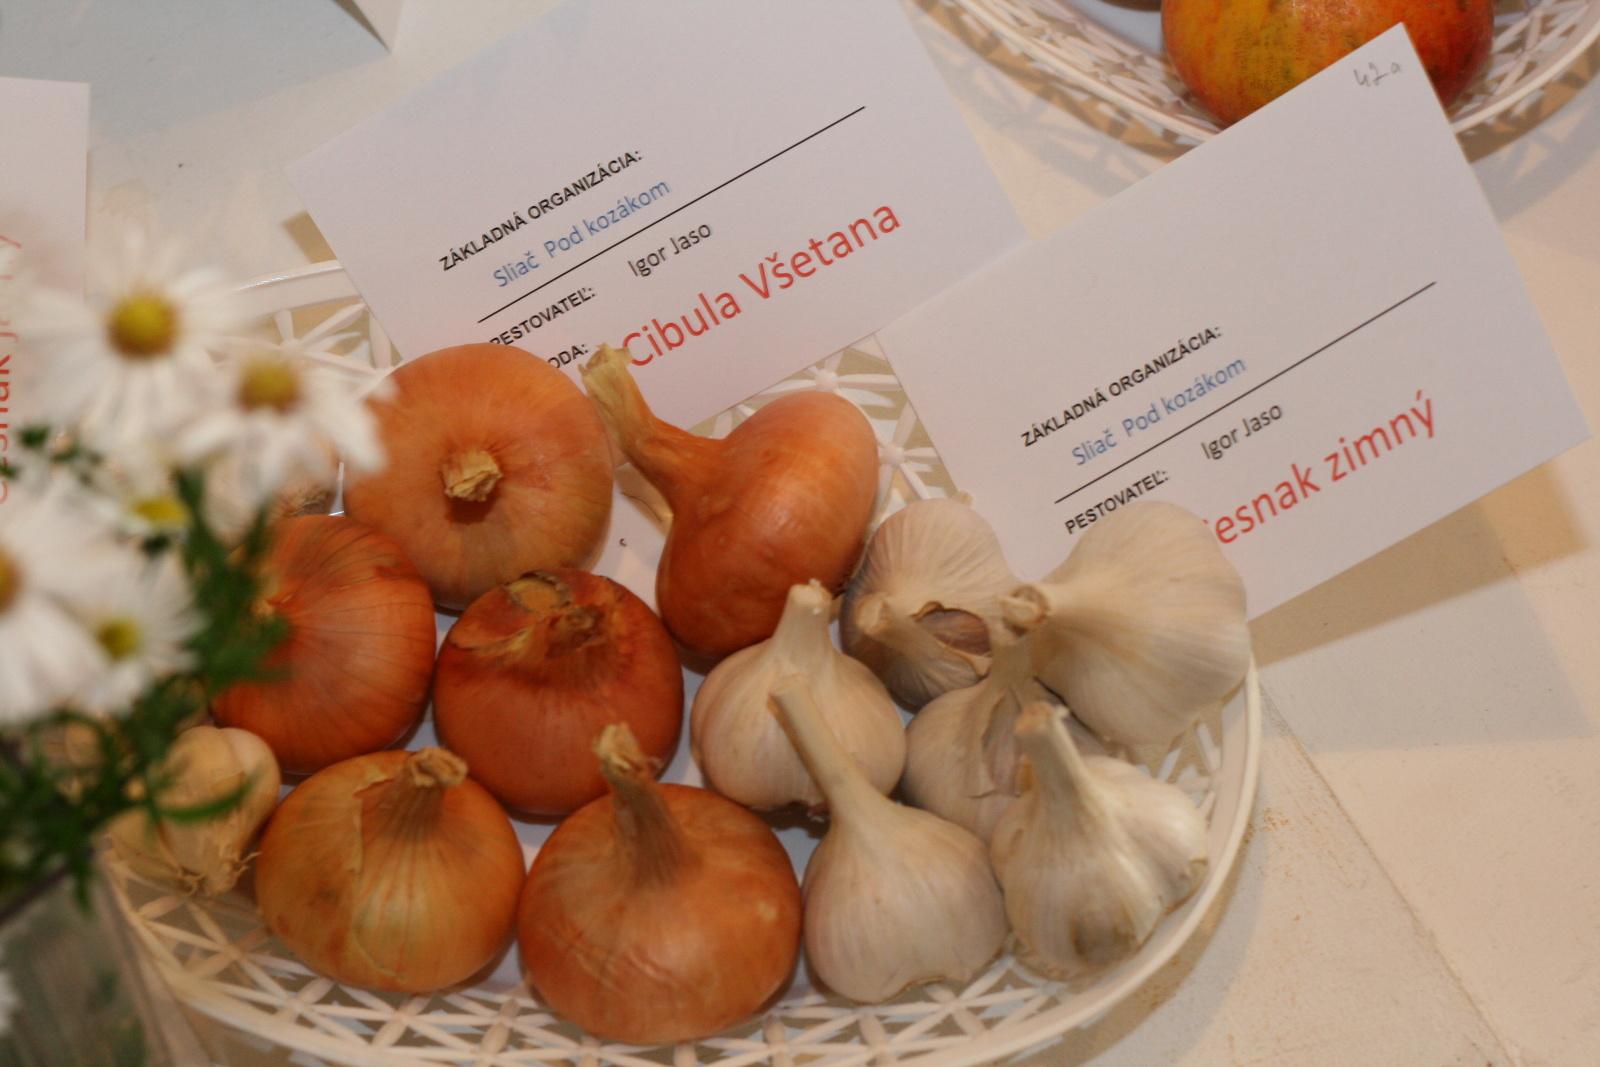 vystava-ovocia-zeleniny-zvolen-36